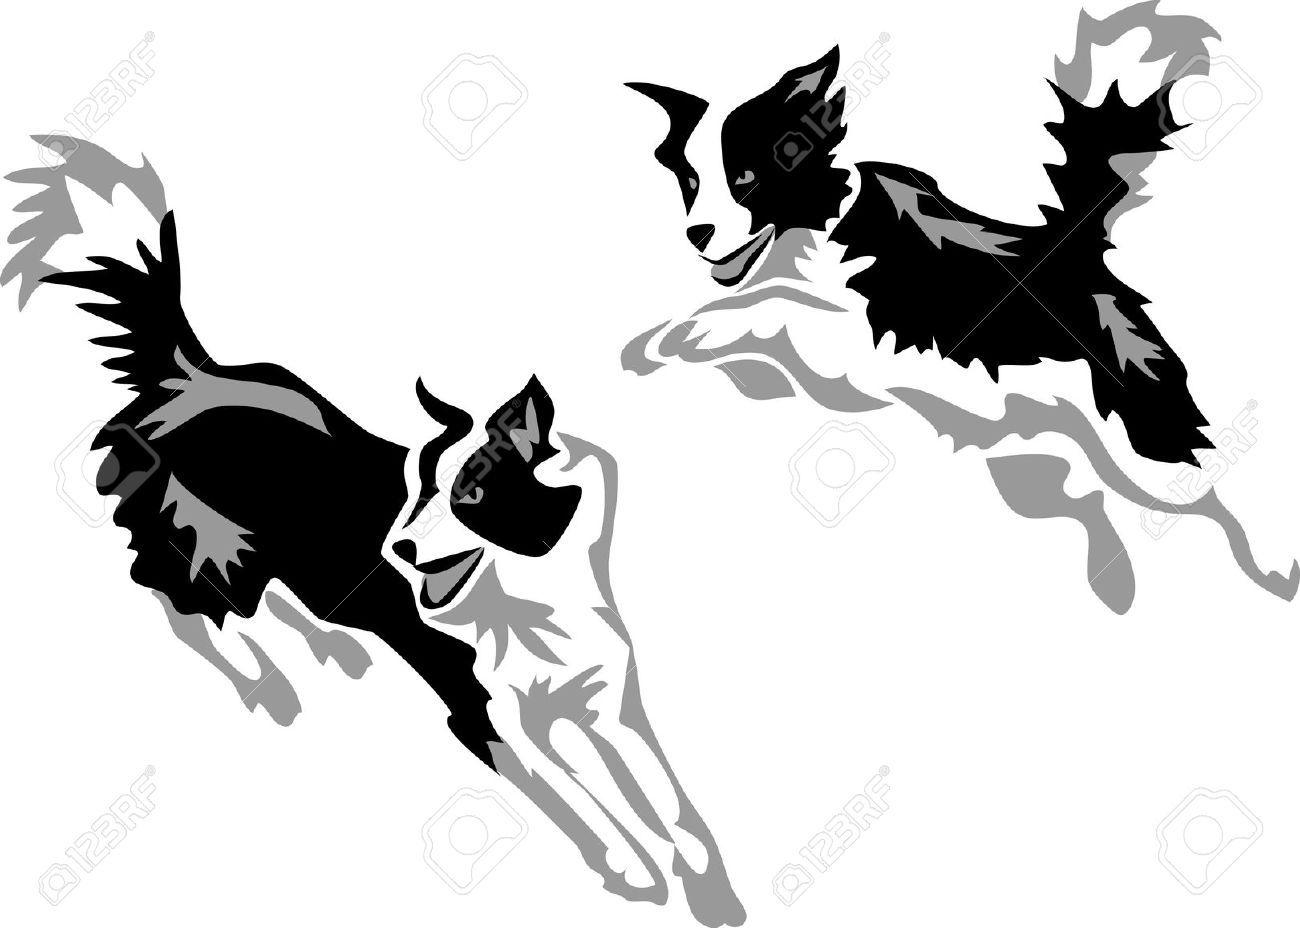 ボーダーコリー イラスト - Google 検索 | デザイン | Pinterest | Collie, Dog and Collie dog